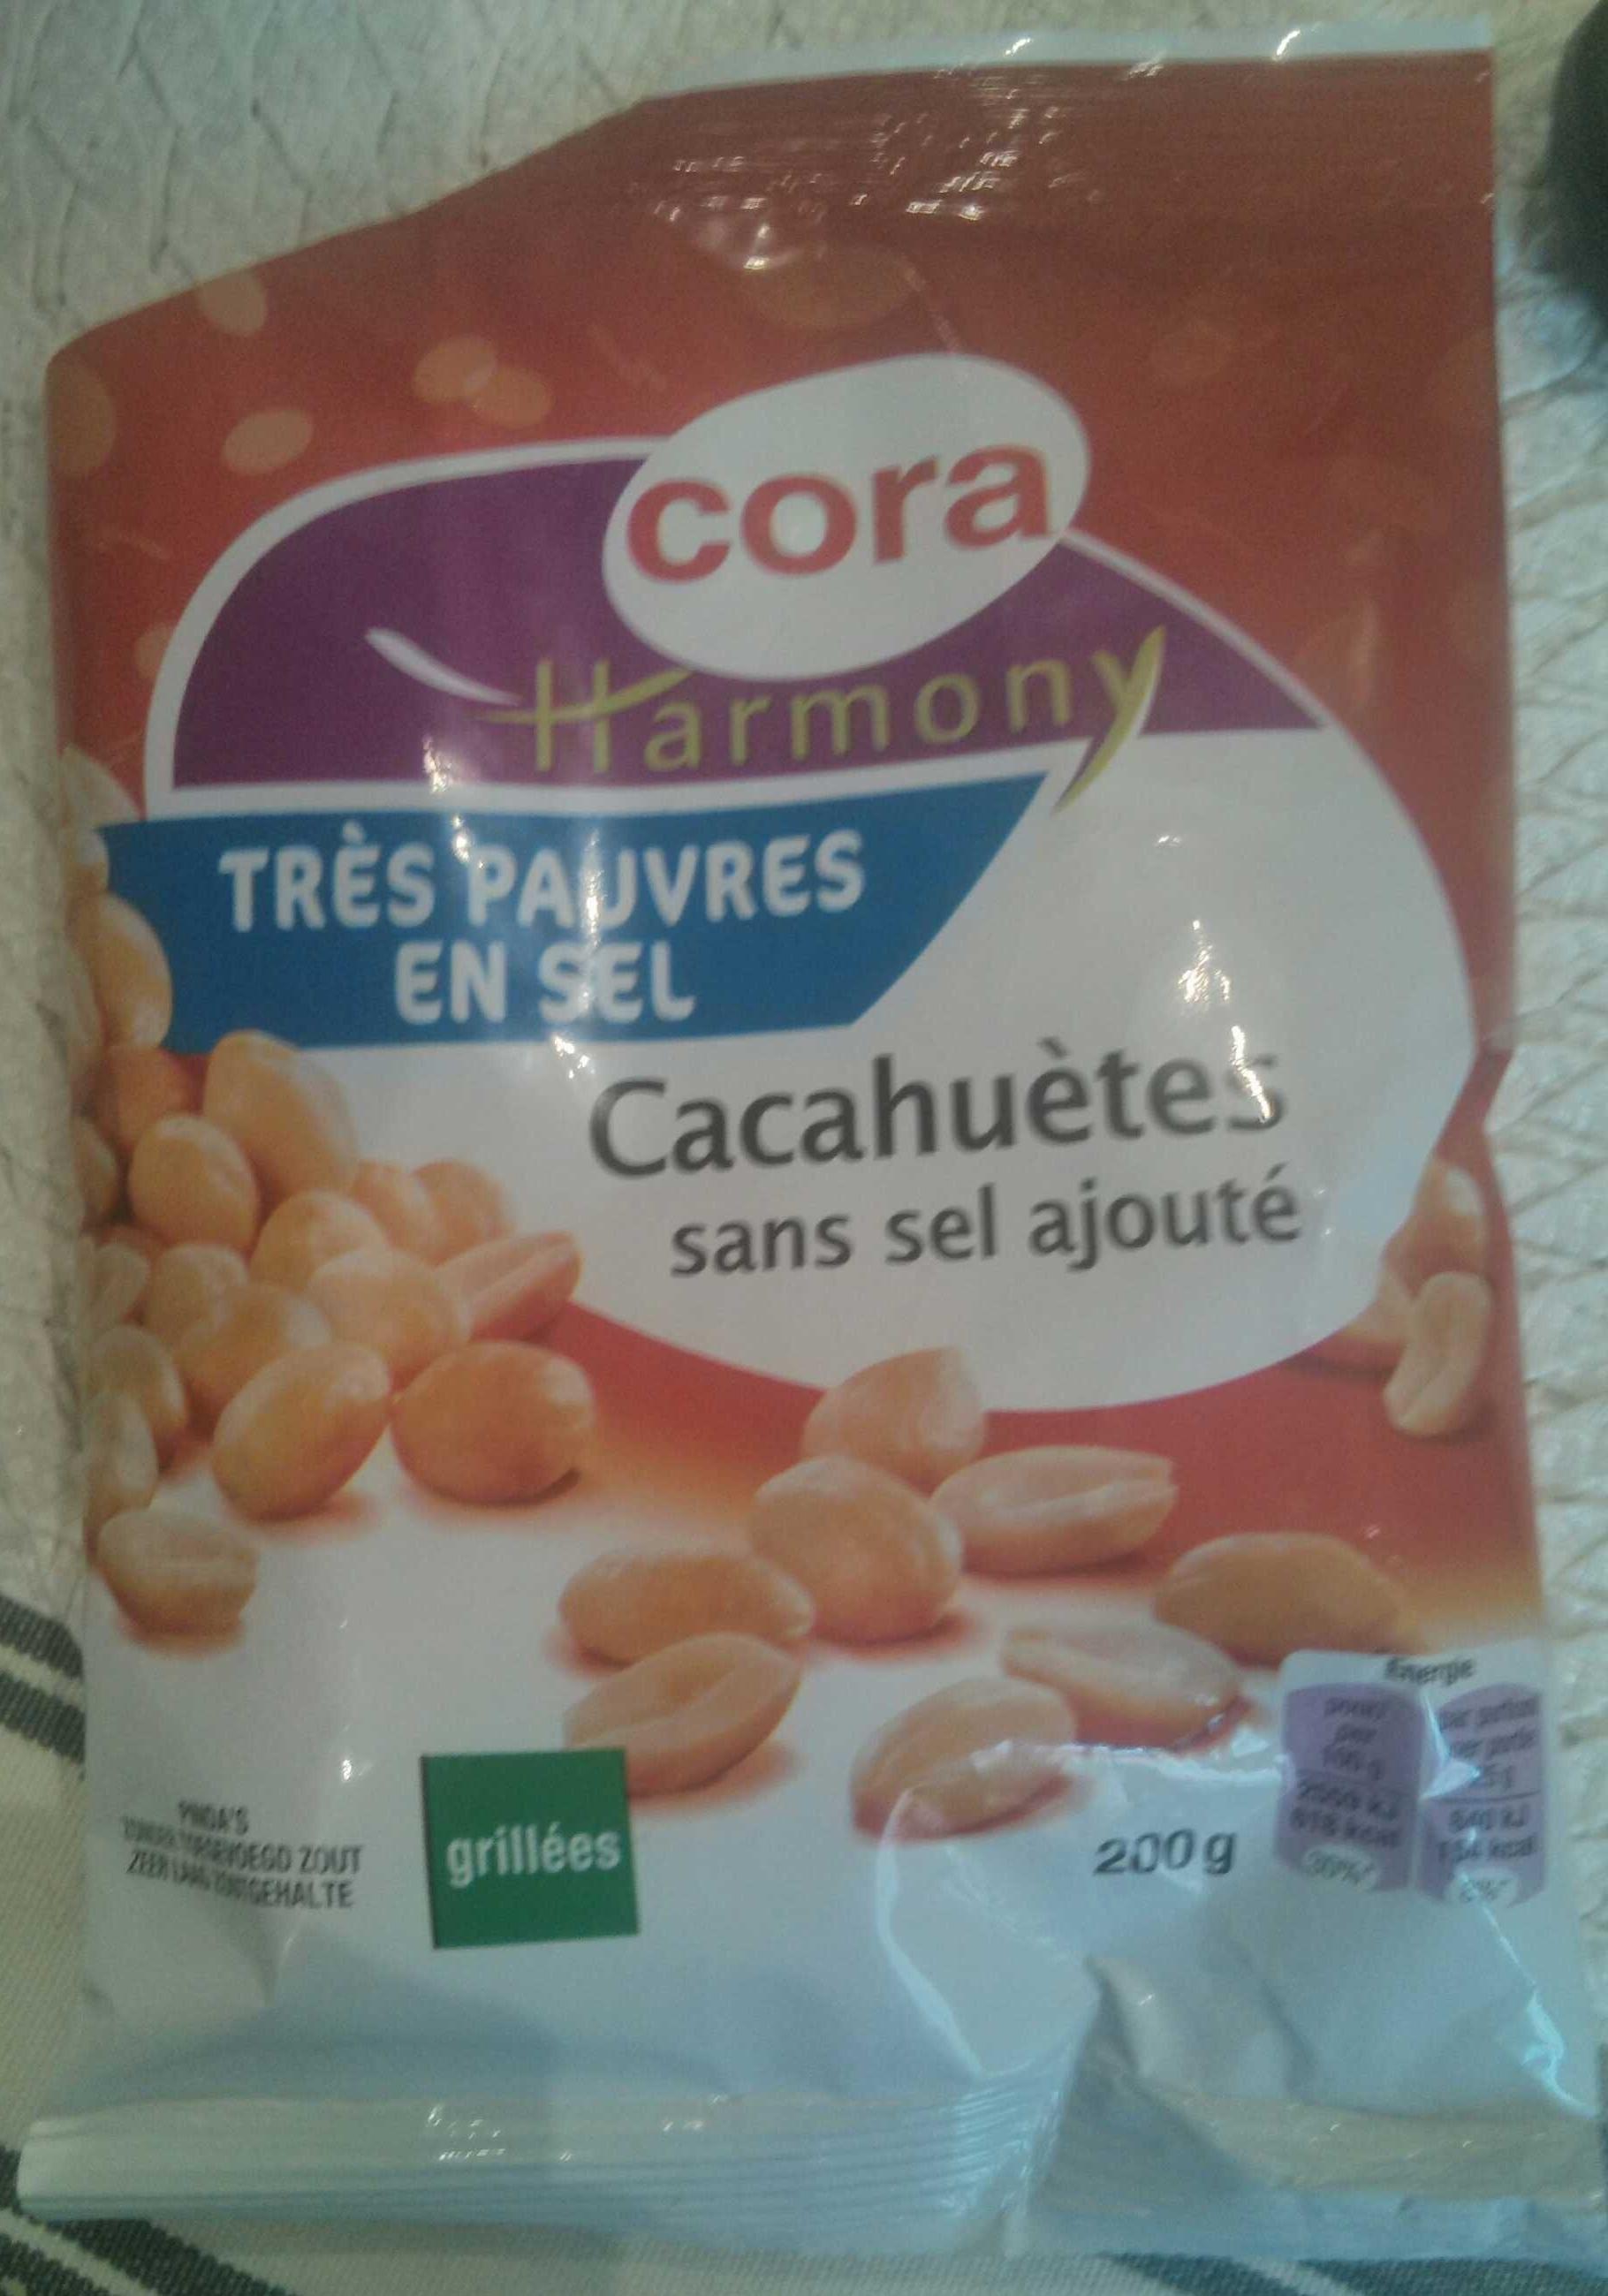 Harmony Cacahuètes grillées sans sel ajouté - Produit - fr